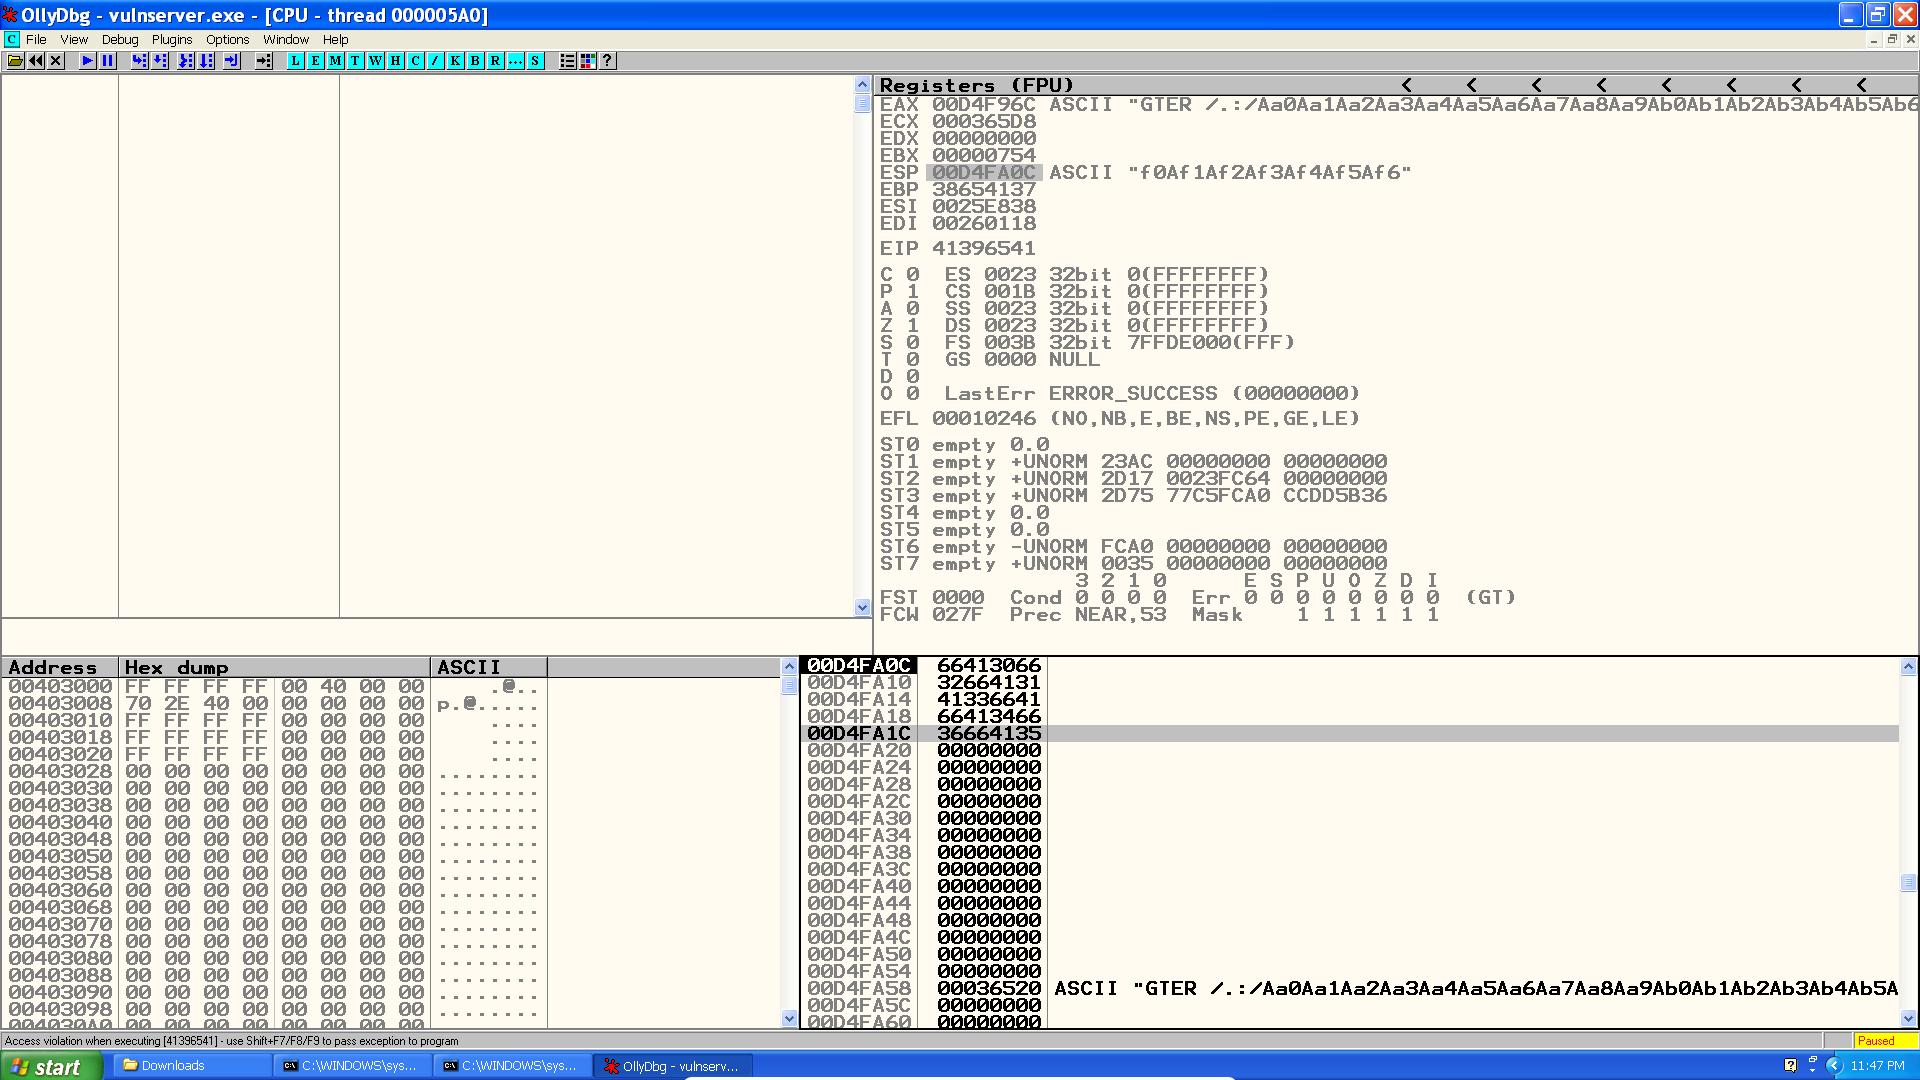 Exploiting Vulnserver GTER (egghunter + pwntools)